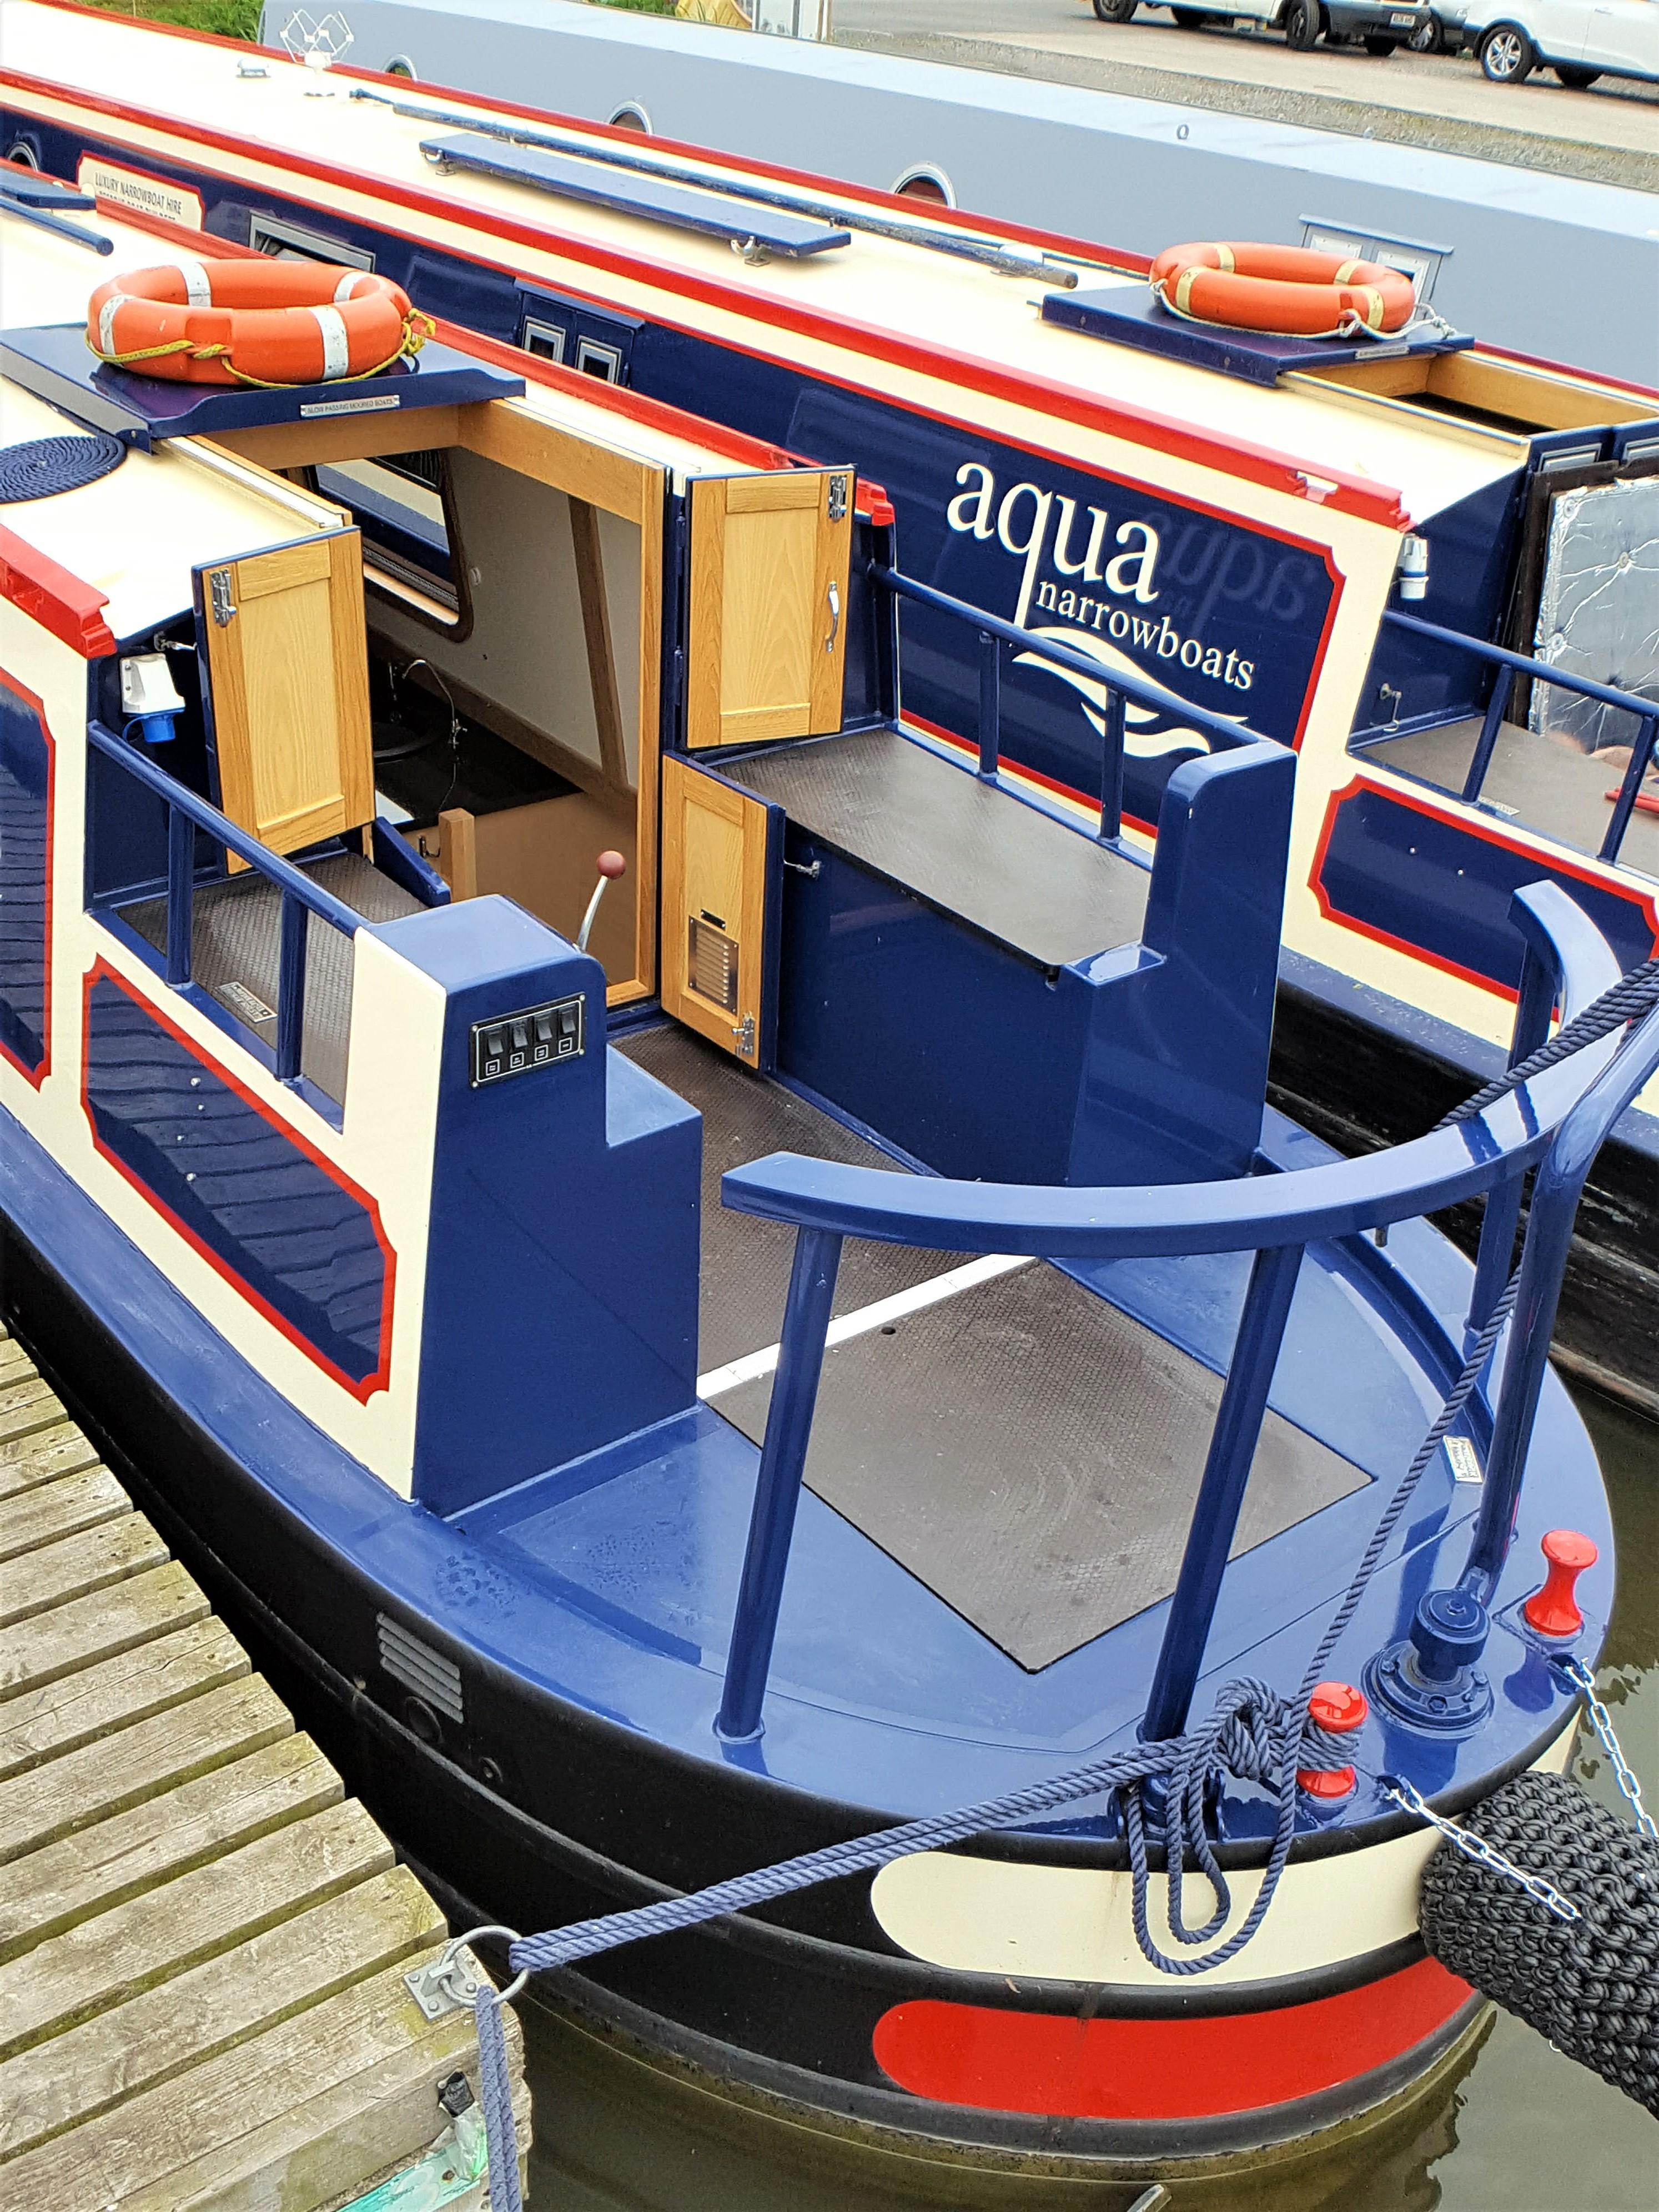 Narrowboat Hire Luxury Narrowboat Hire Aqua Narrow Boats